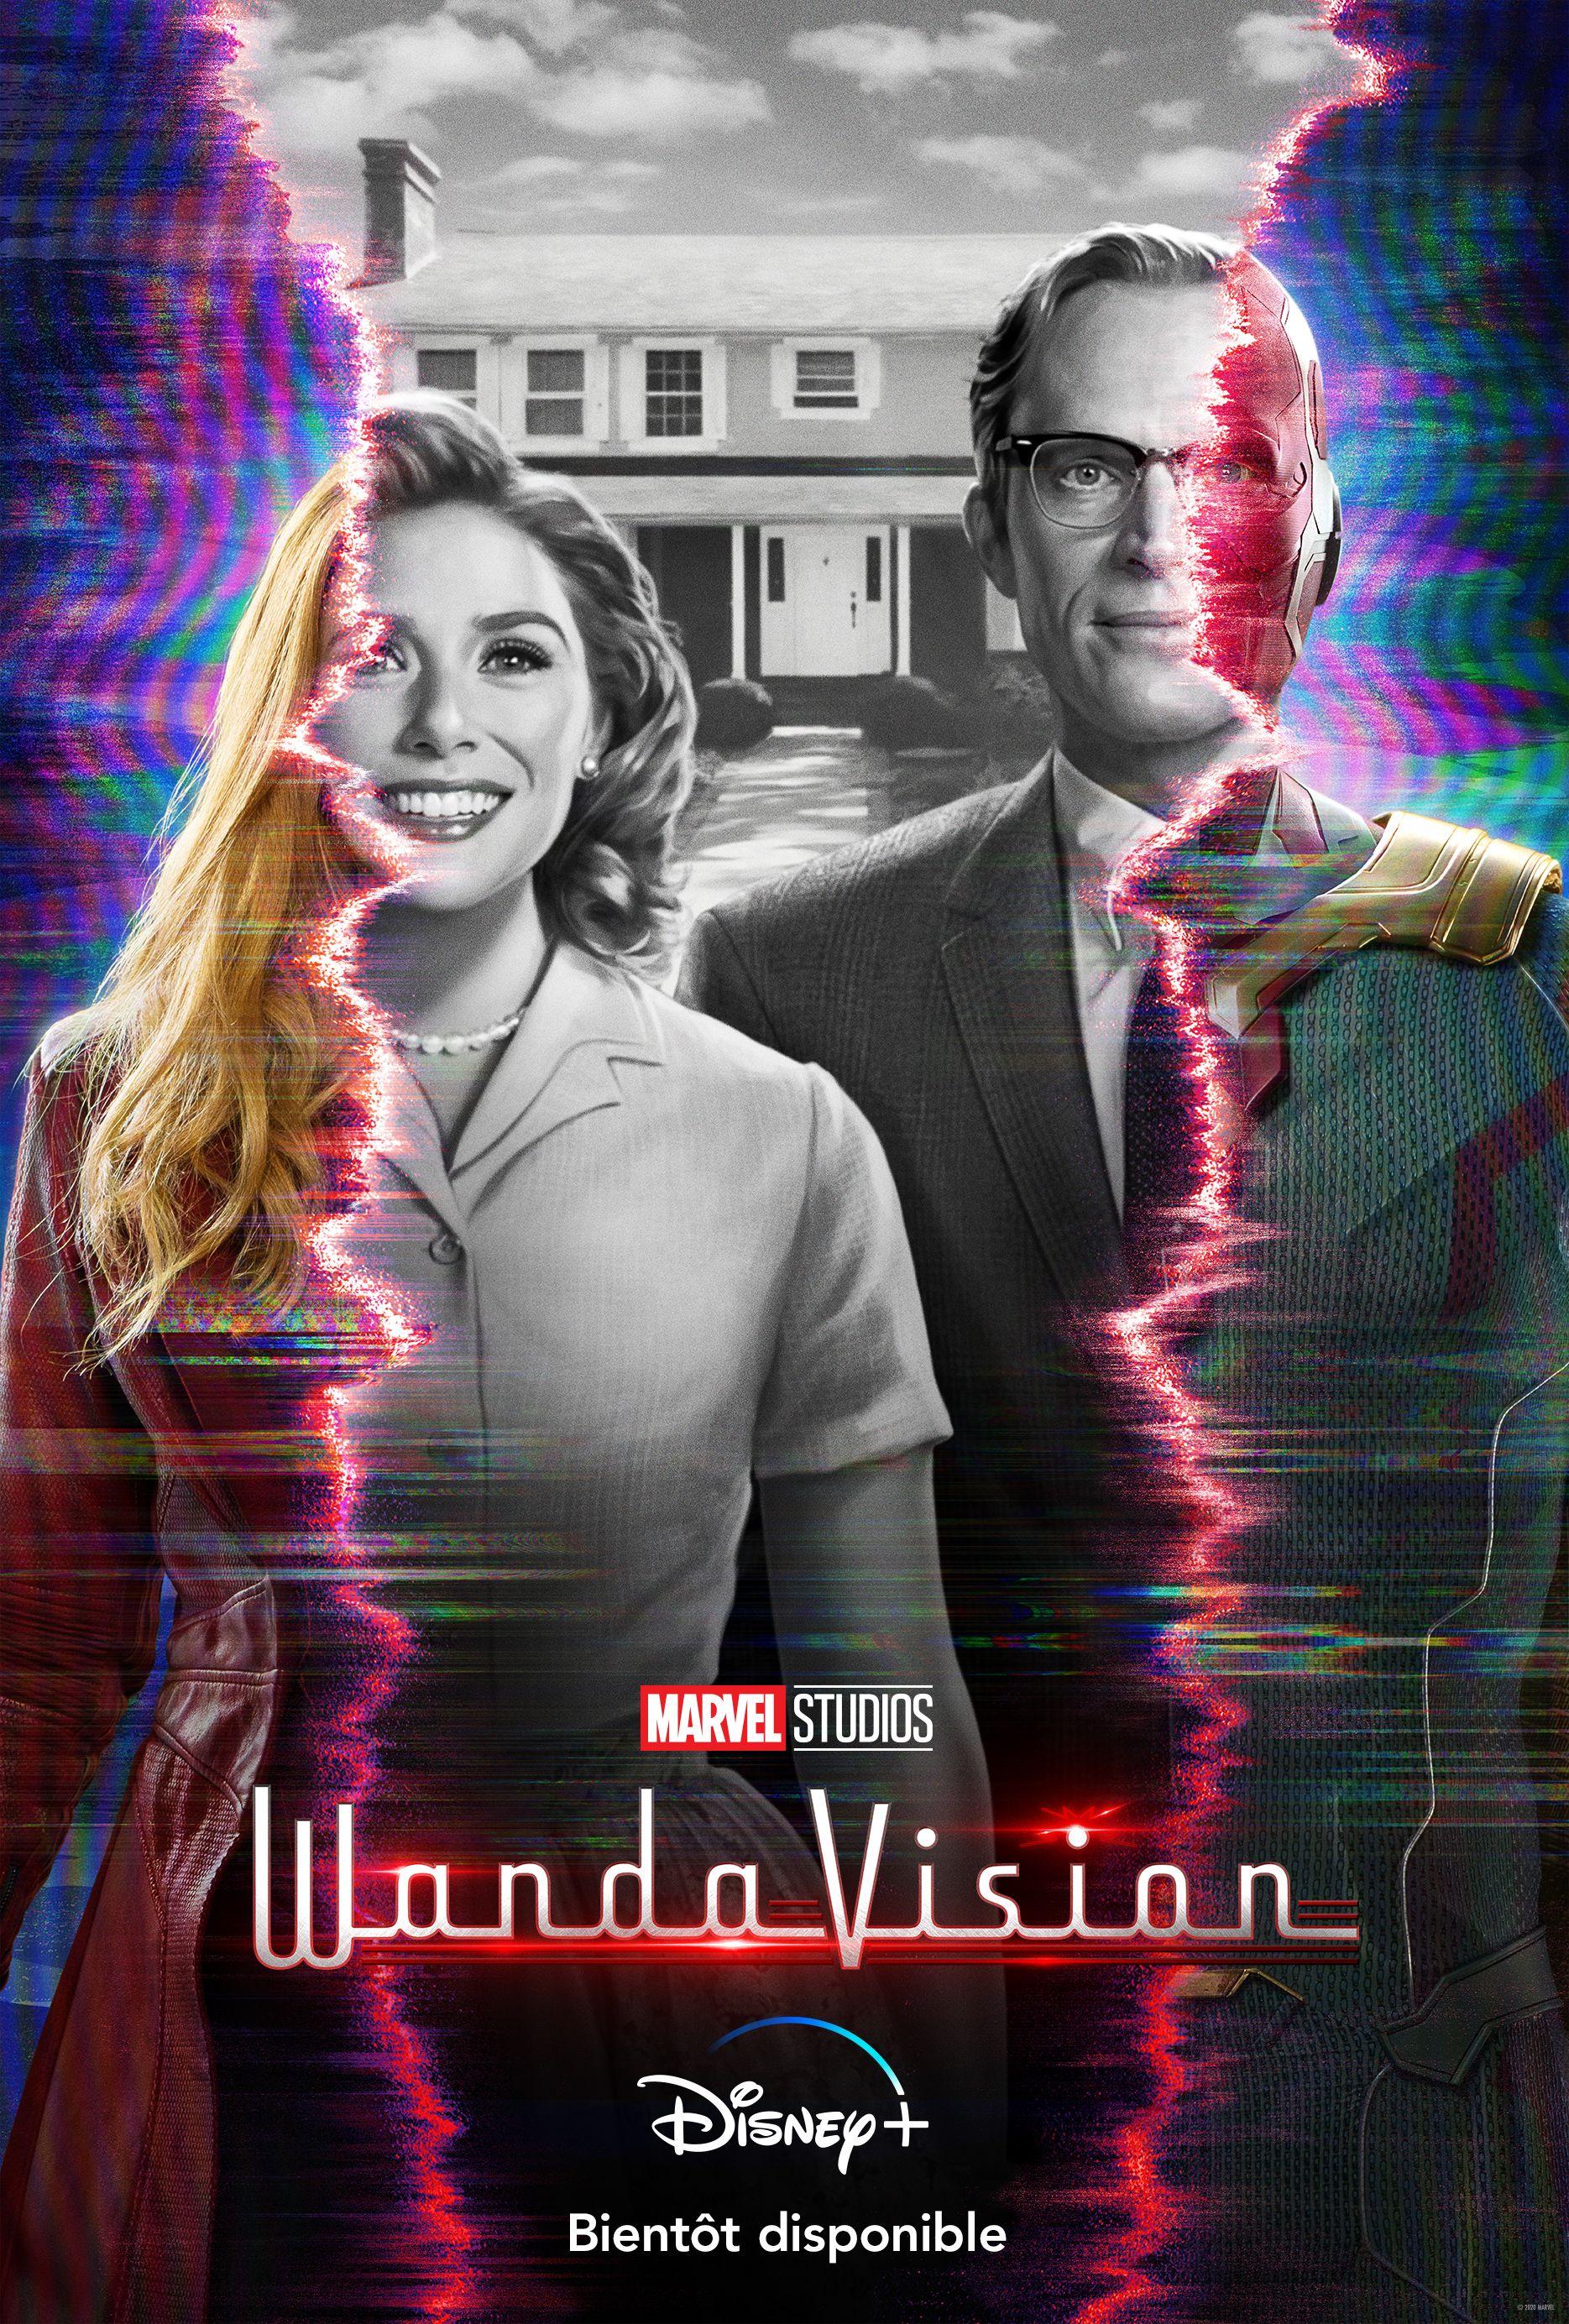 https://media.senscritique.com/media/000019604142/source_big/Wanda_Vision.jpg